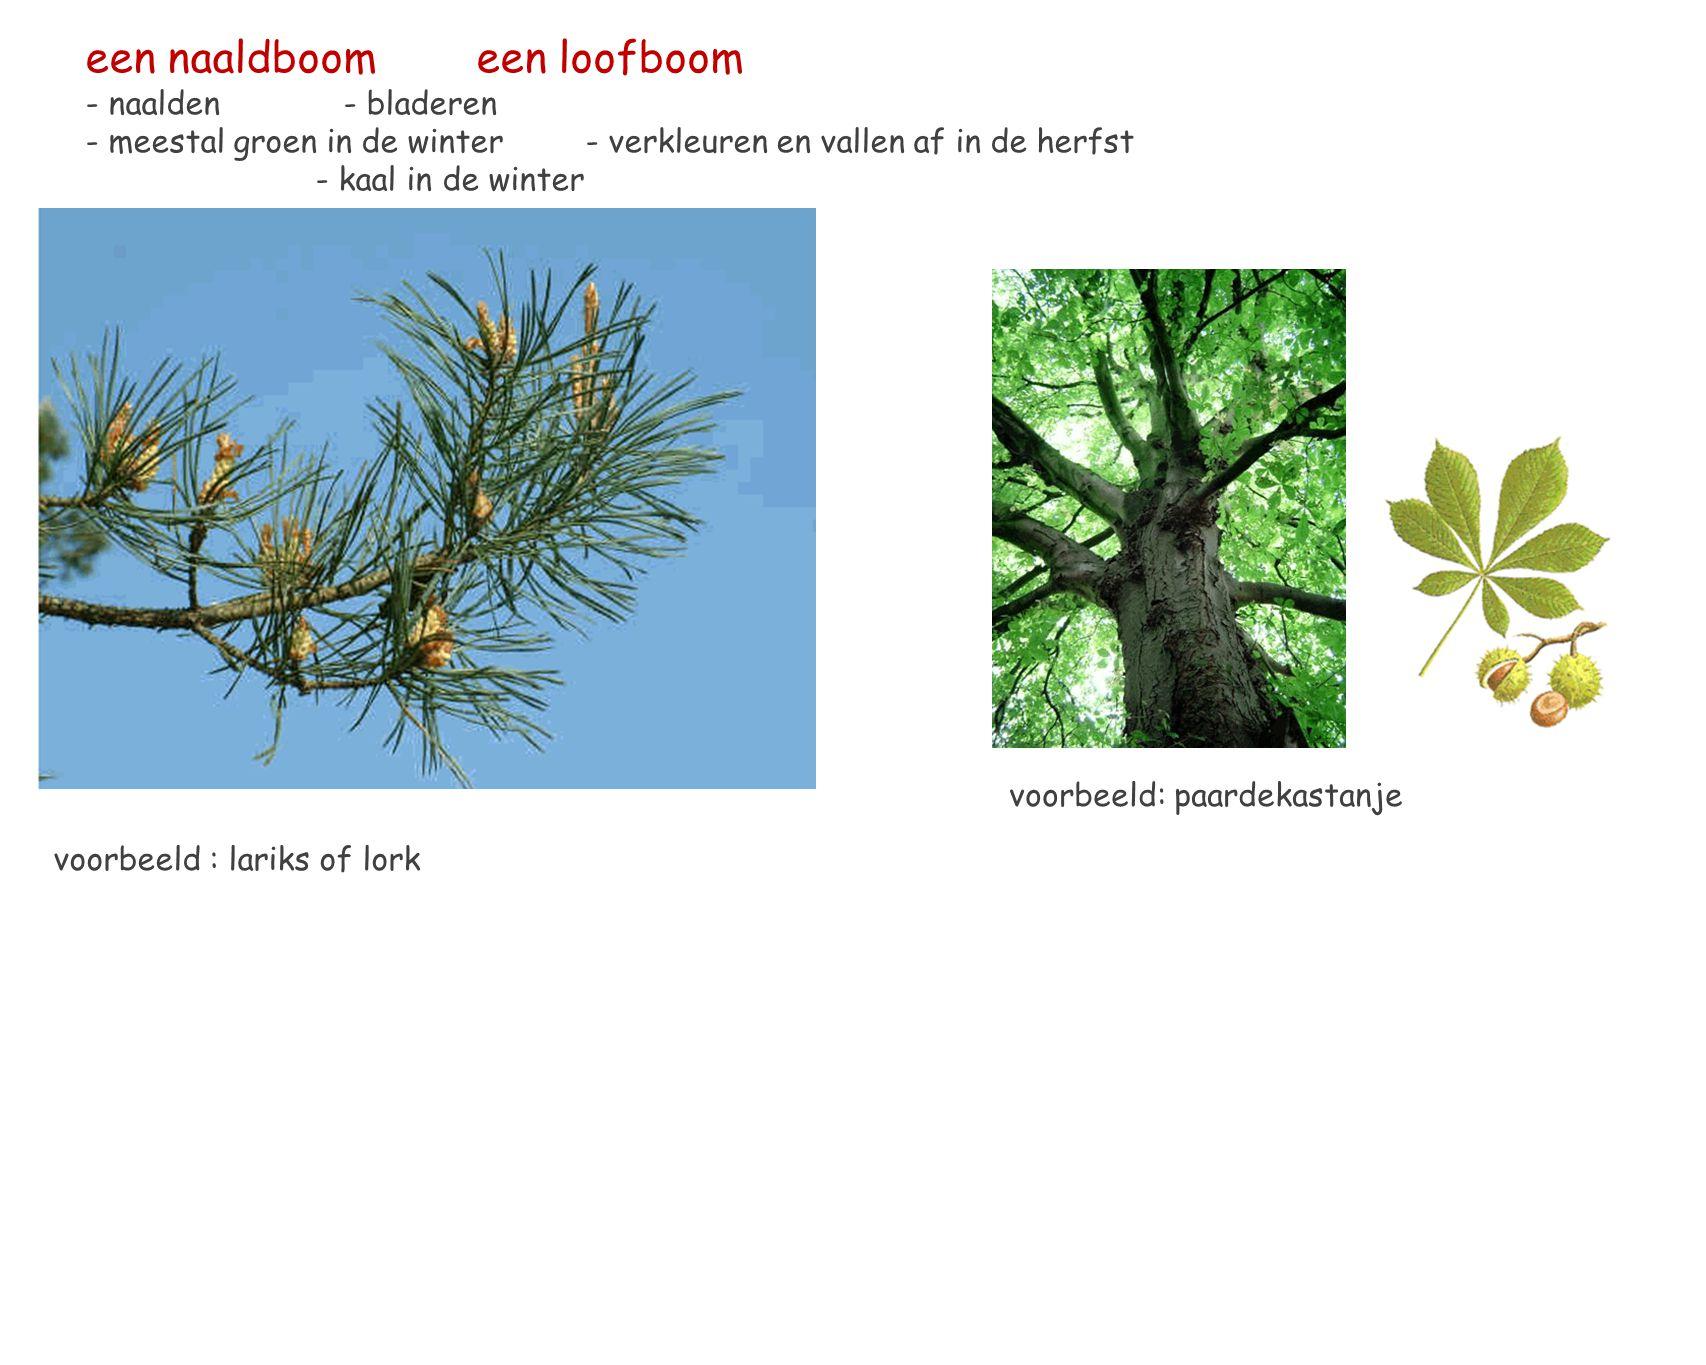 een naaldboom een loofboom - naalden - bladeren - meestal groen in de winter - verkleuren en vallen af in de herfst - kaal in de winter voorbeeld: paardekastanje voorbeeld : lariks of lork